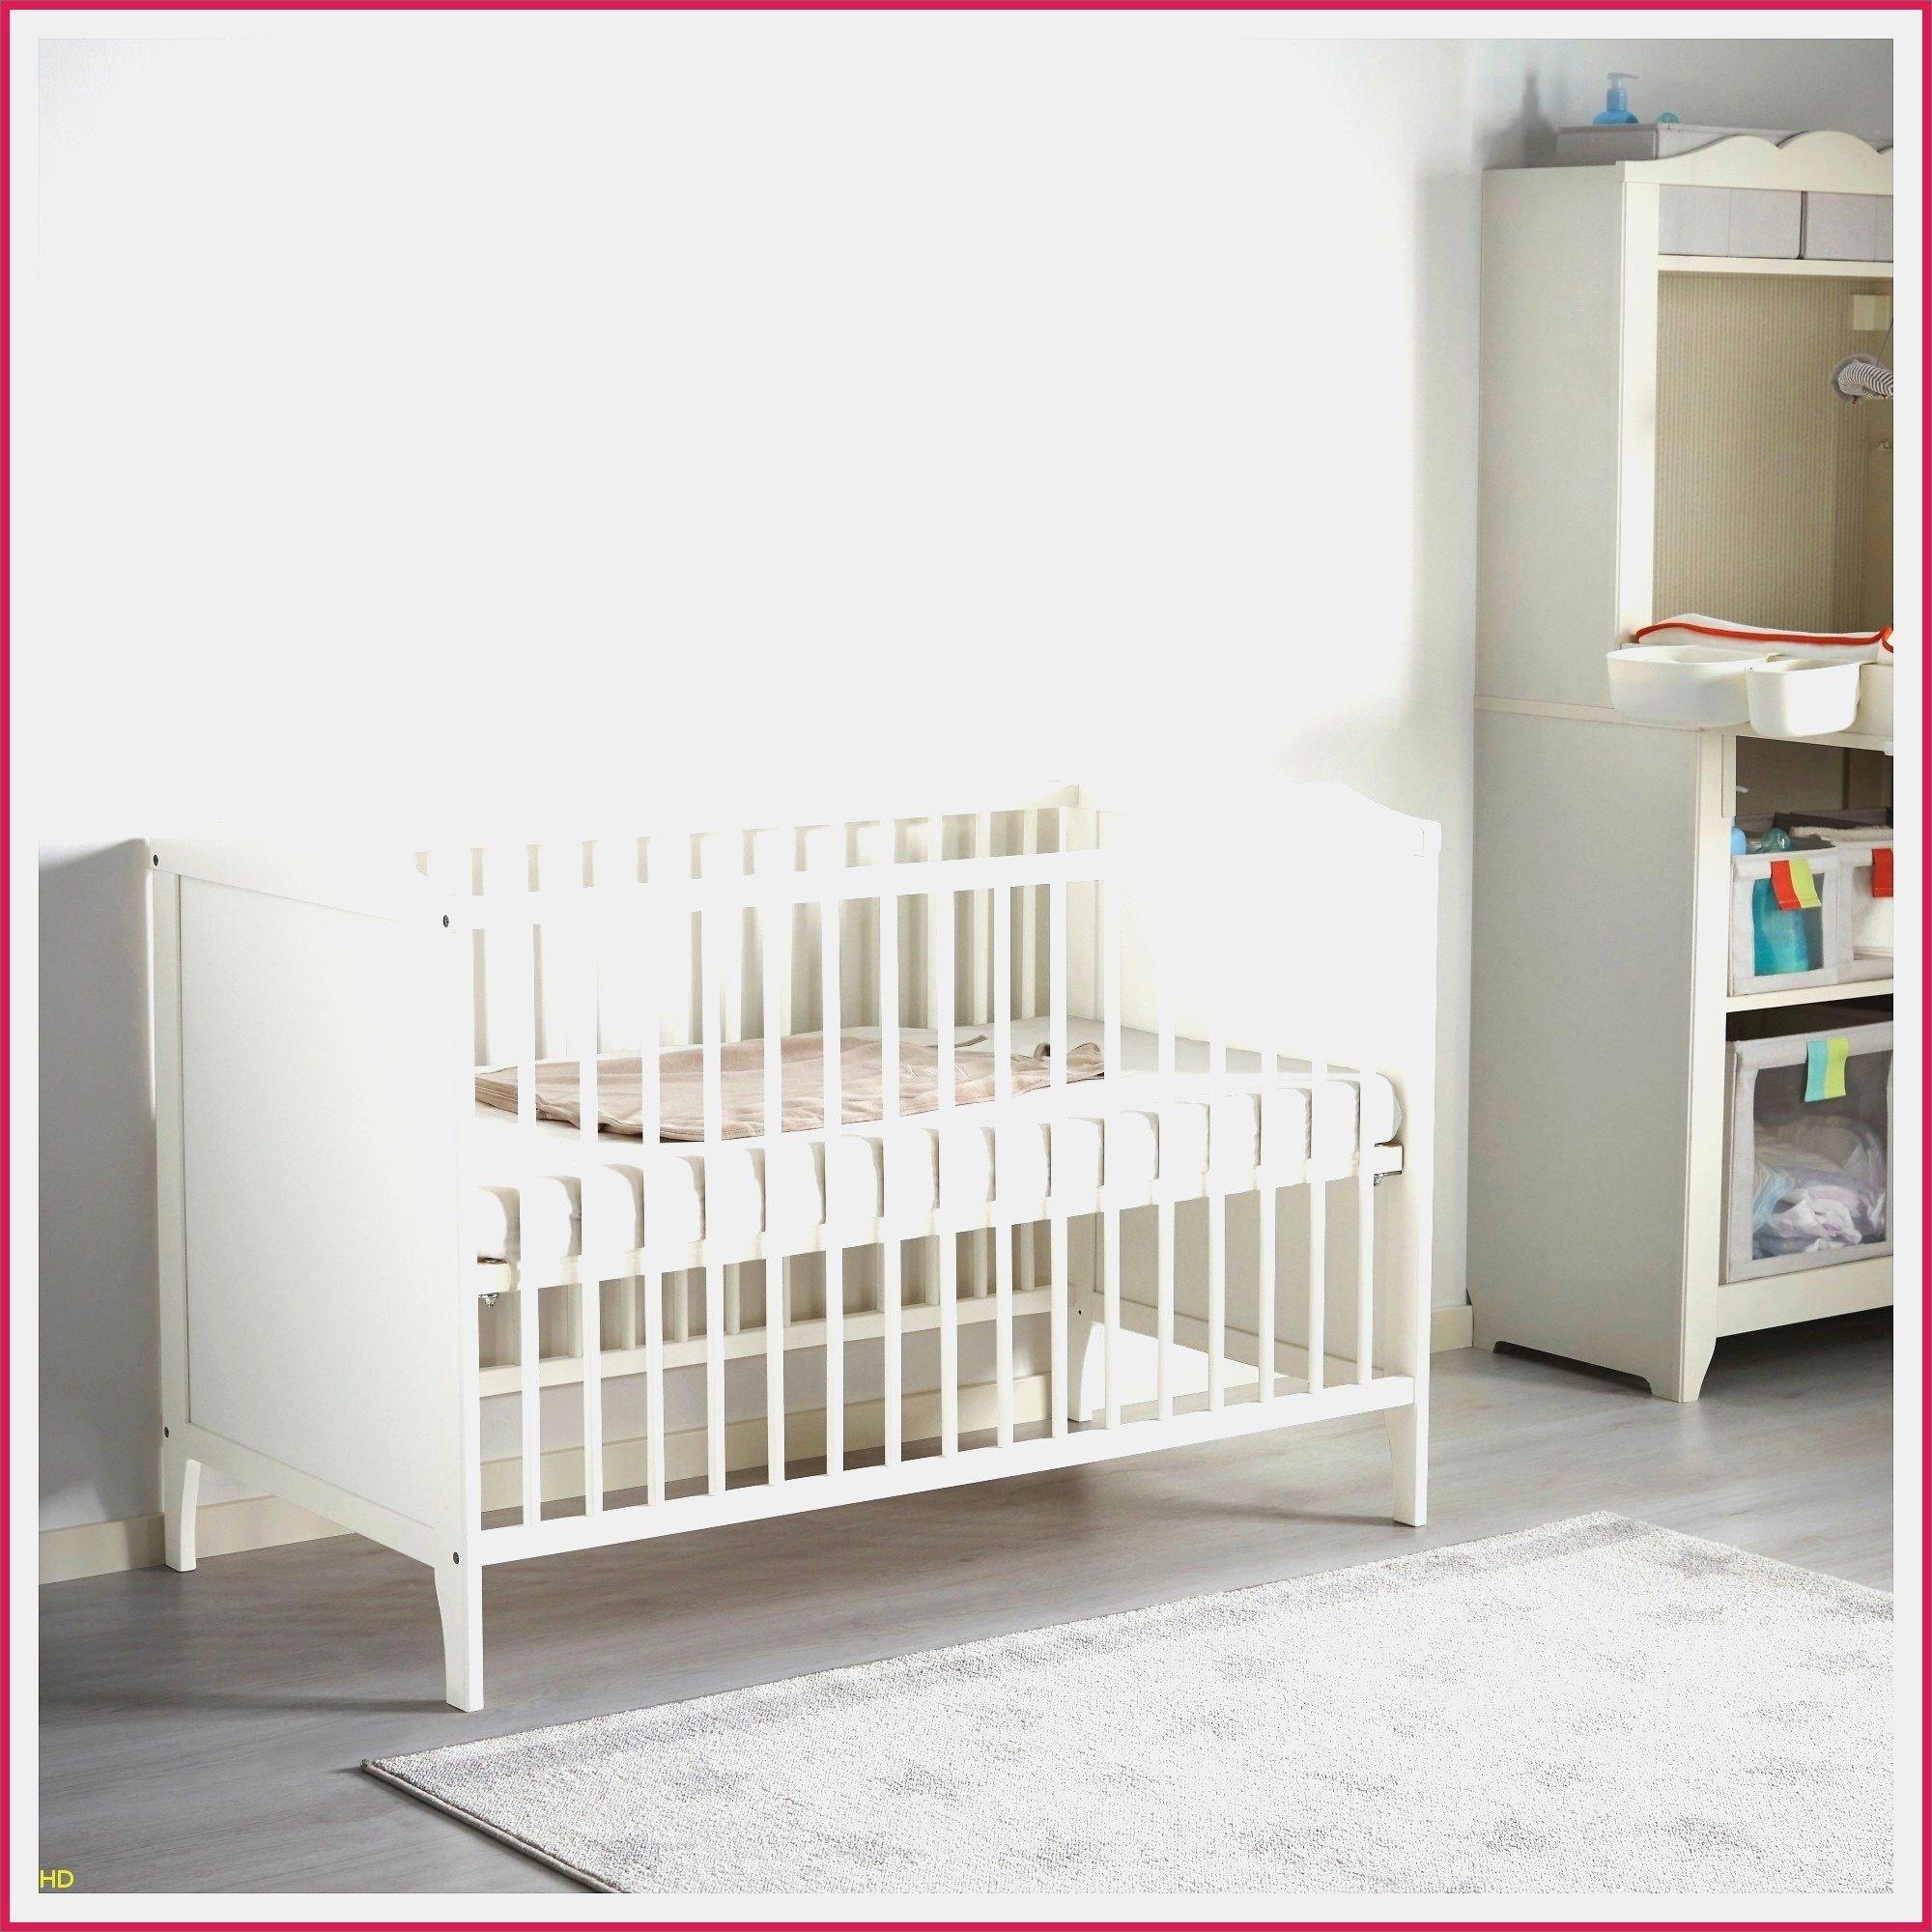 Lit Bébé Avec Tiroir Frais Baignoire Pliable Bébé Chambre Bebe Fille Inspirant Parc B C3 A9b C3